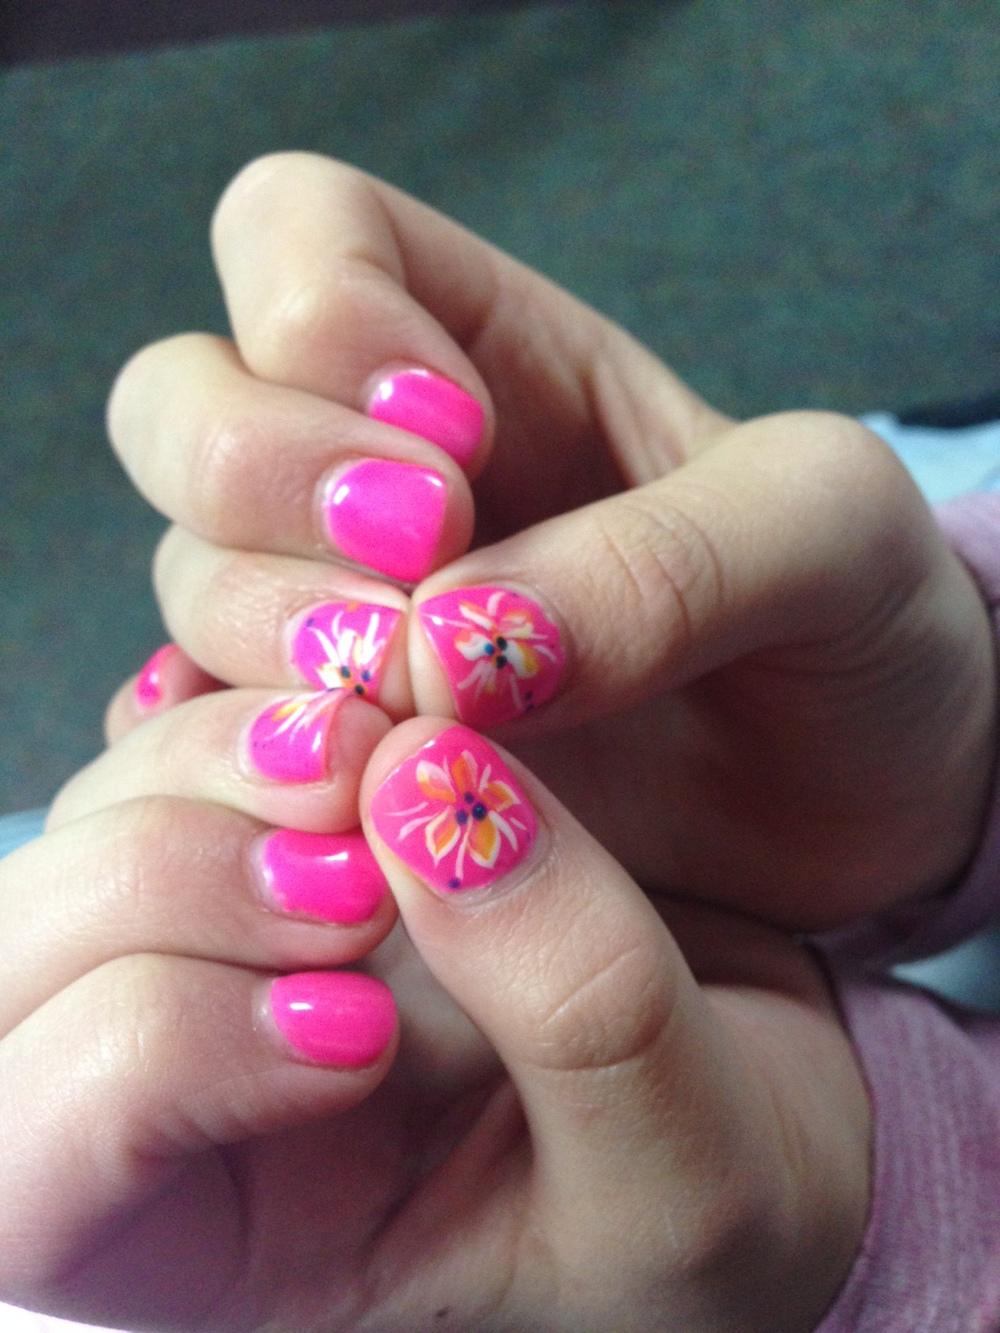 brooklyns nails